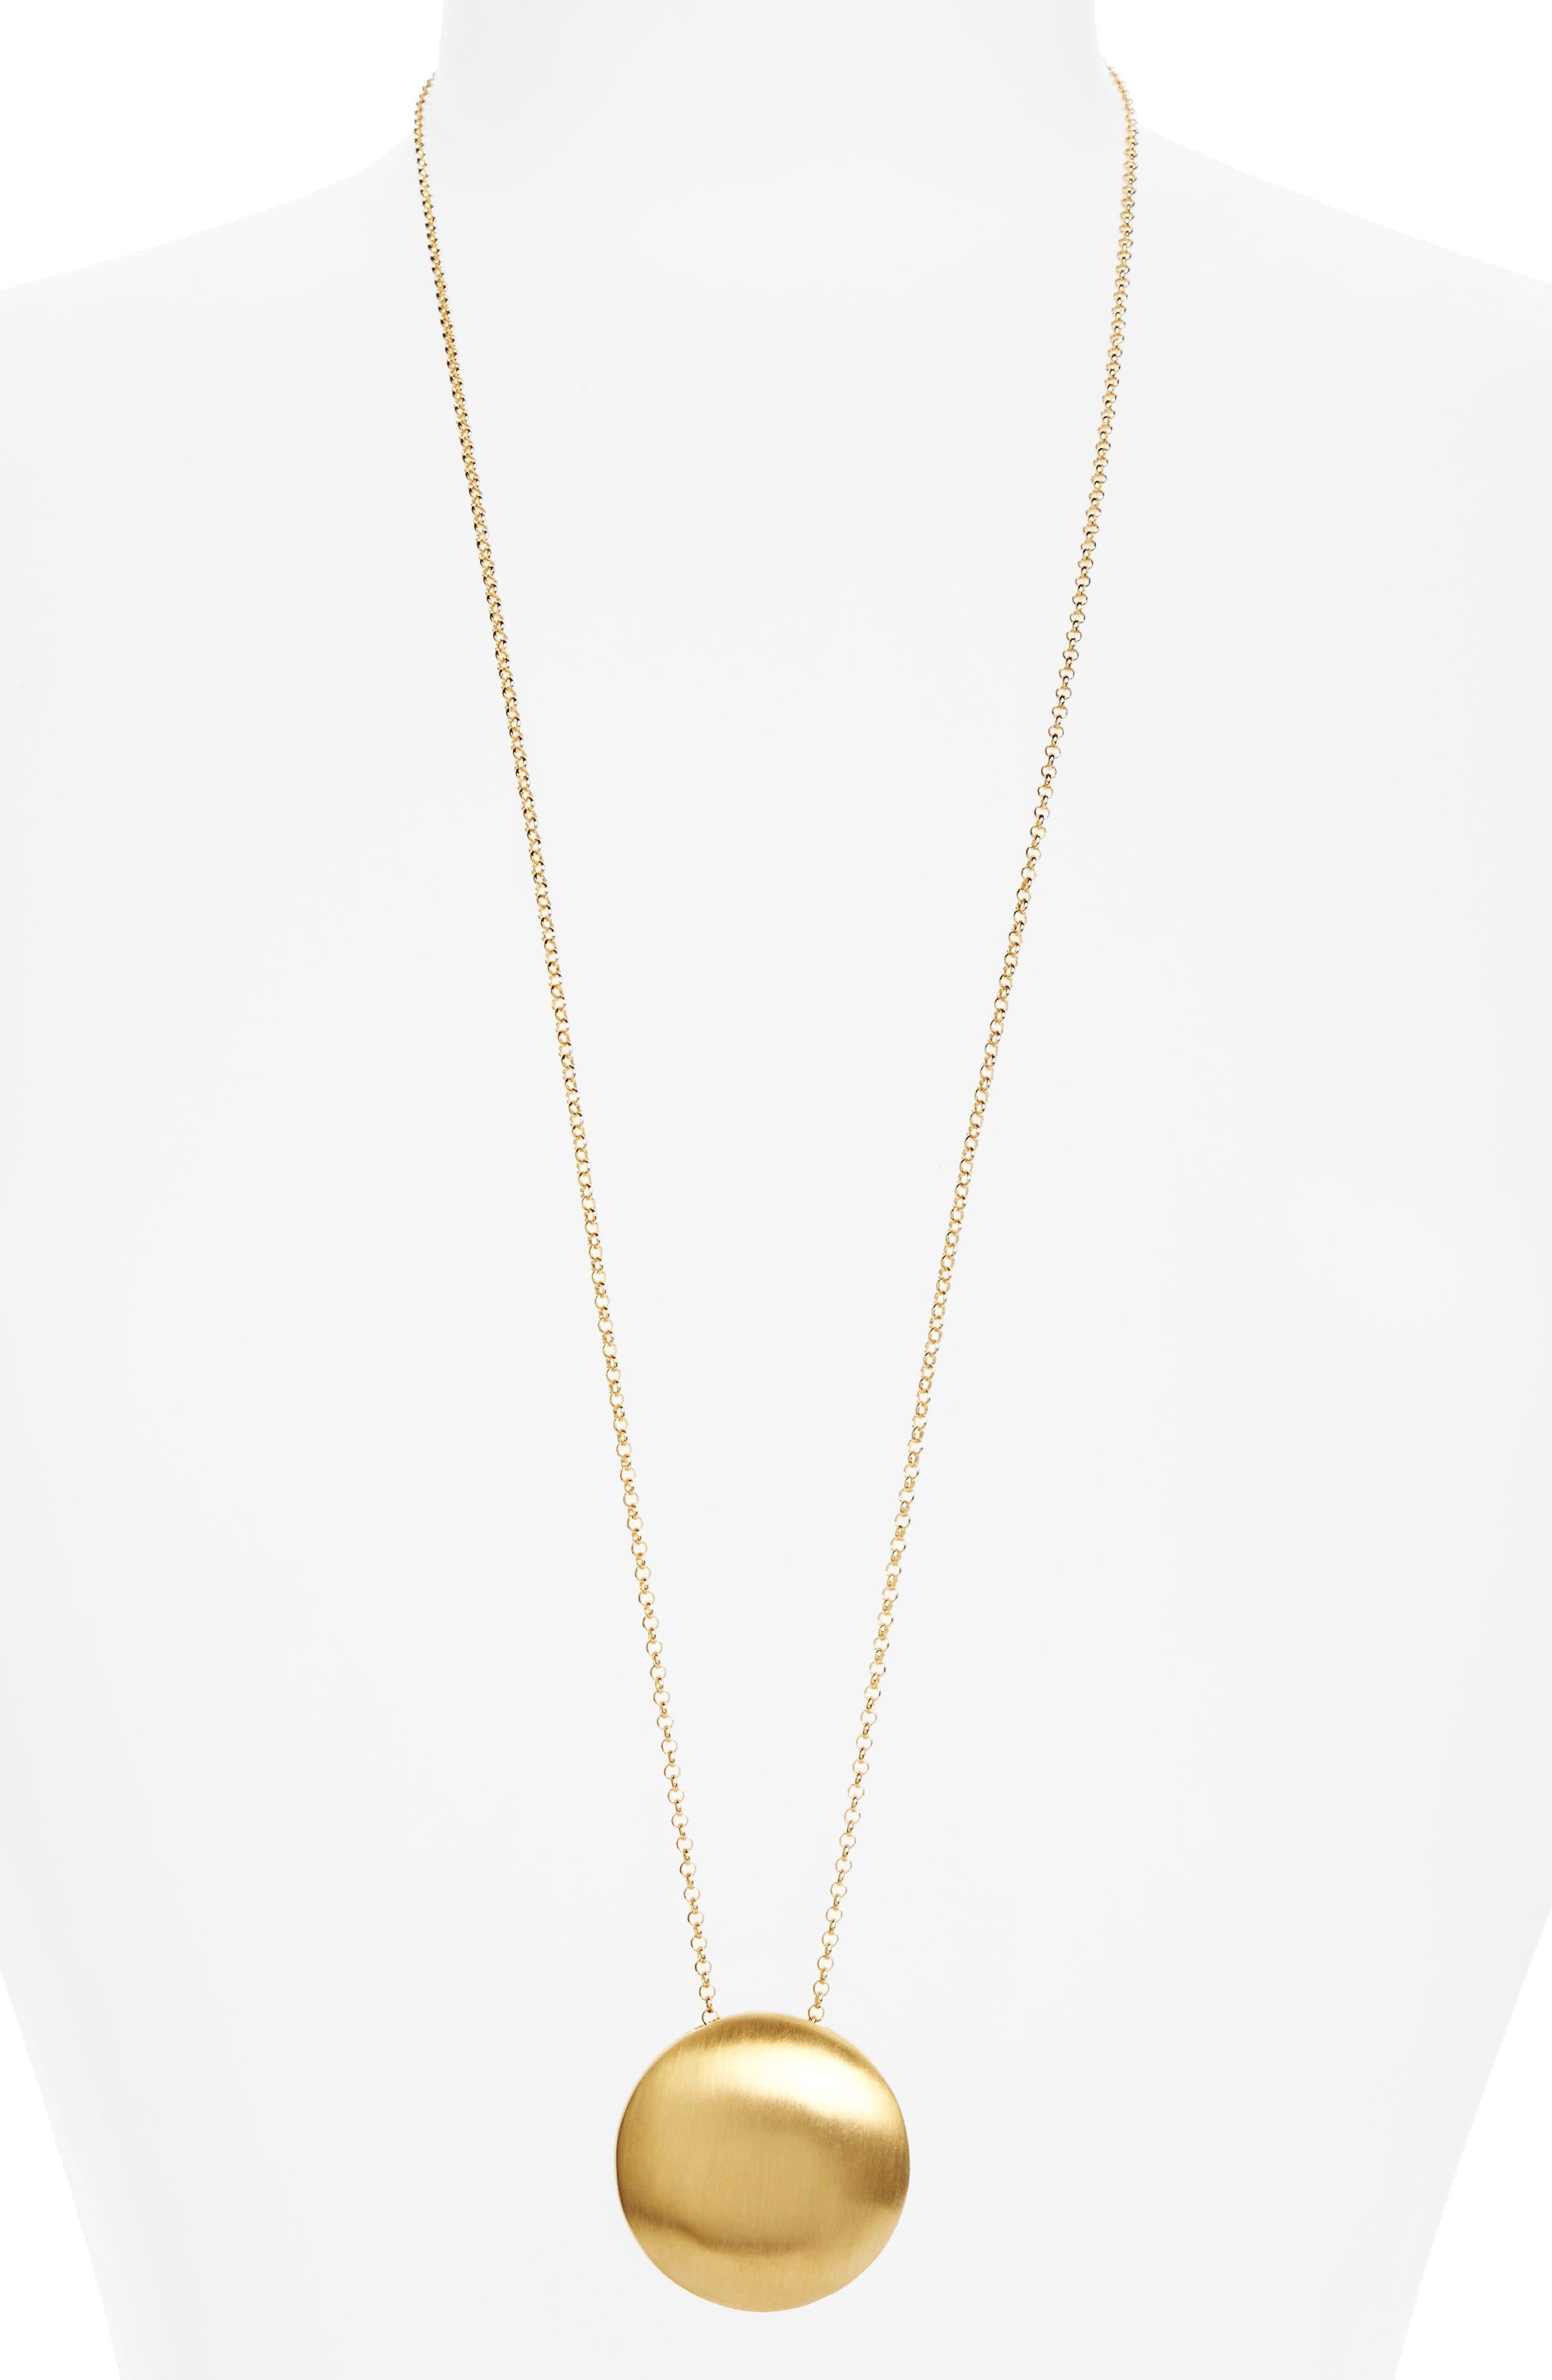 Sphere Pendant Necklace,                         Main,                         color, Gold